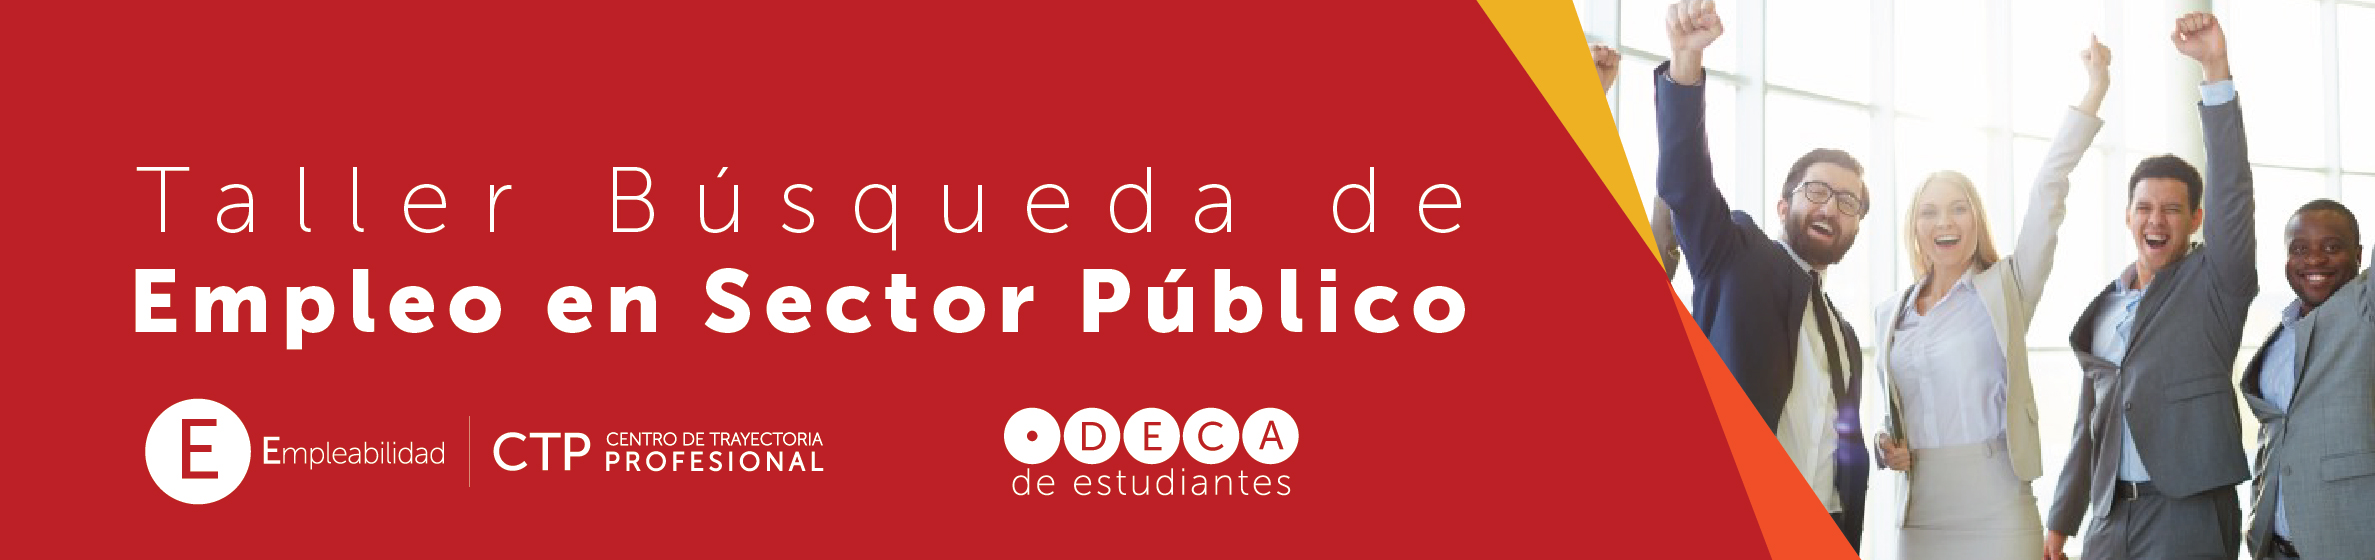 B_squeda_empleo_sector_p_blico_p